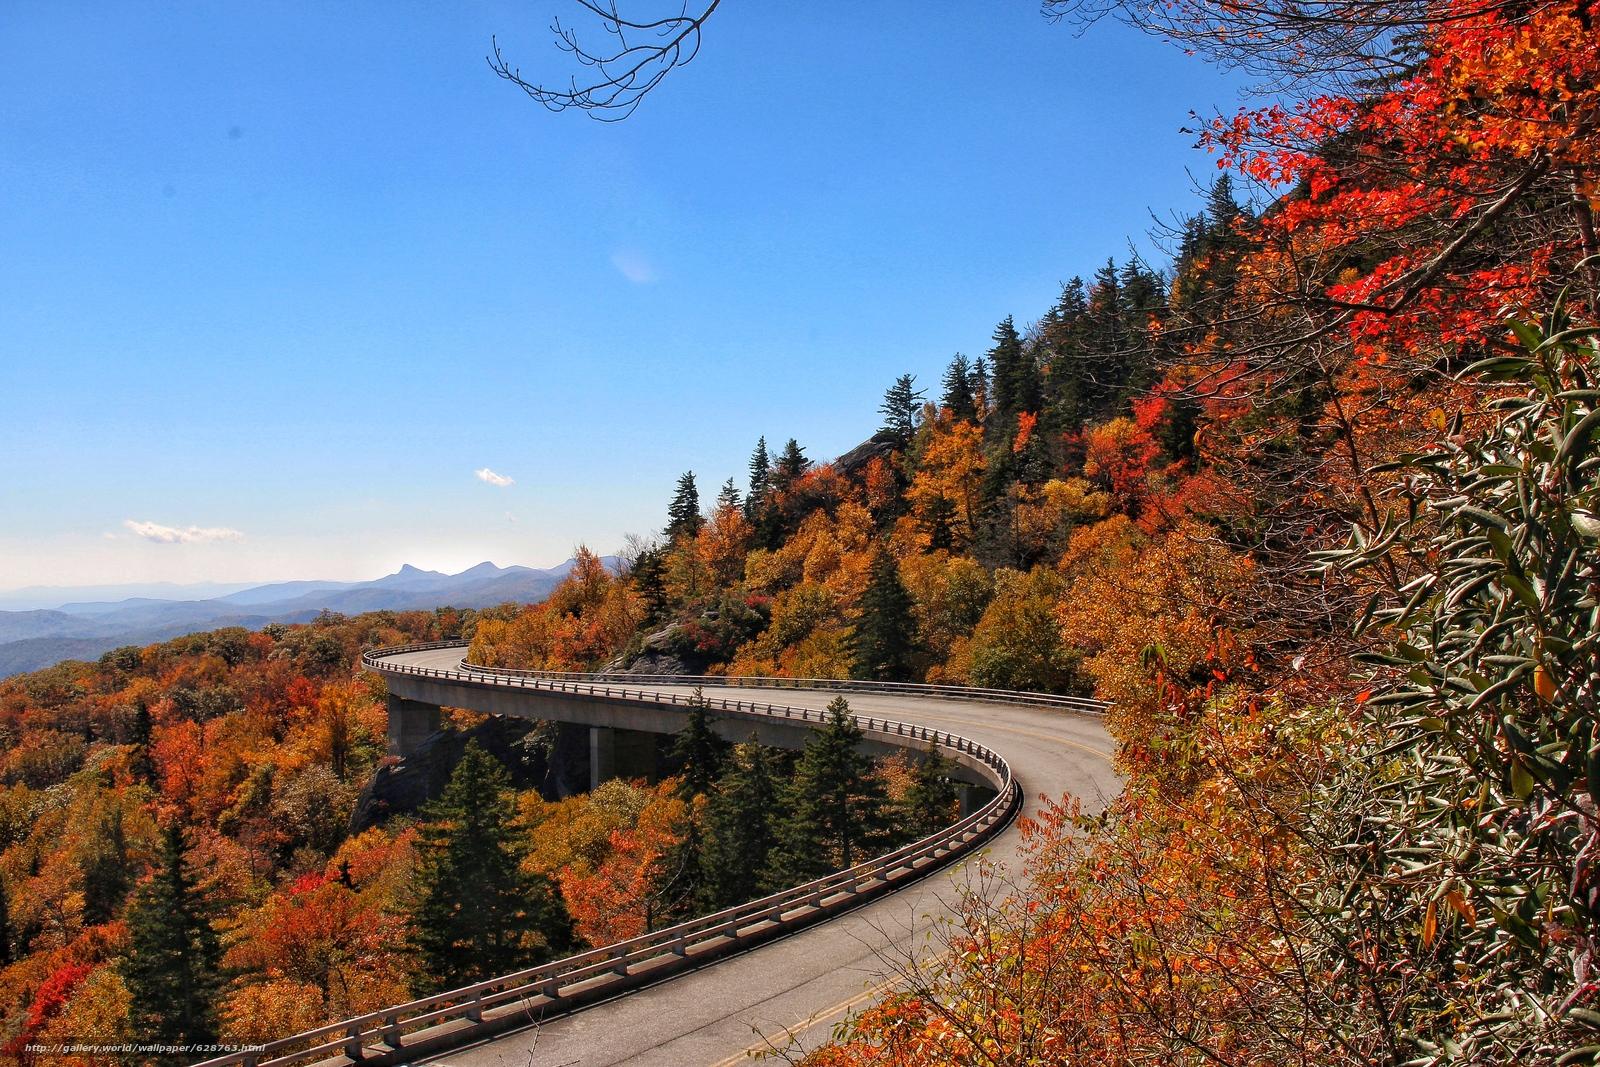 Blue Ridge Parkway Linn Cove Viaduct, Северная Каролина, осень, мост, деревья.пейзаж